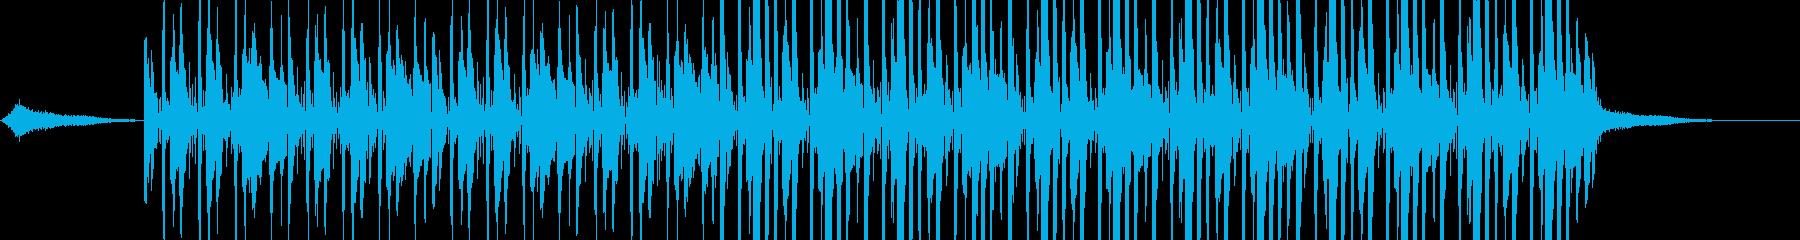 コメディーチックな悲しい曲の再生済みの波形